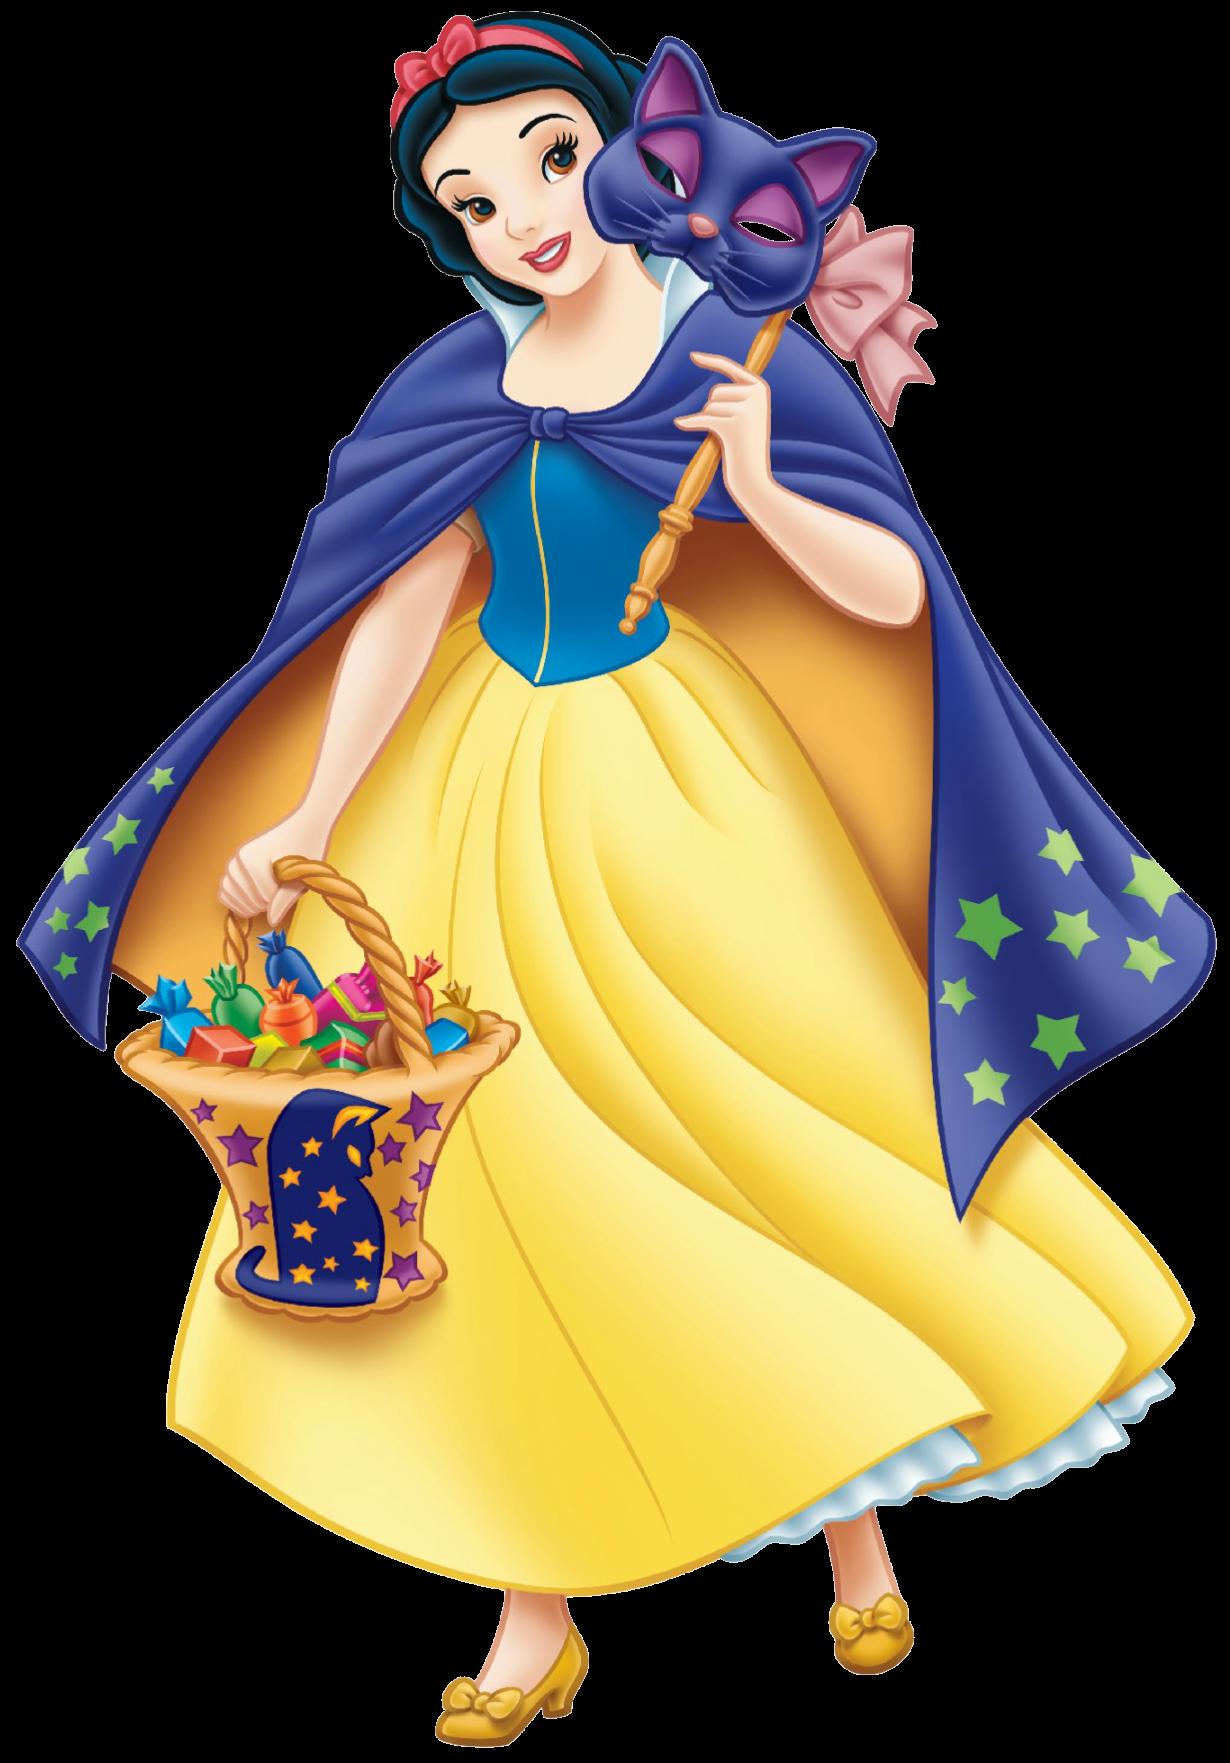 Image - Blanca Nieves.9.png | Disney Wiki | FANDOM powered